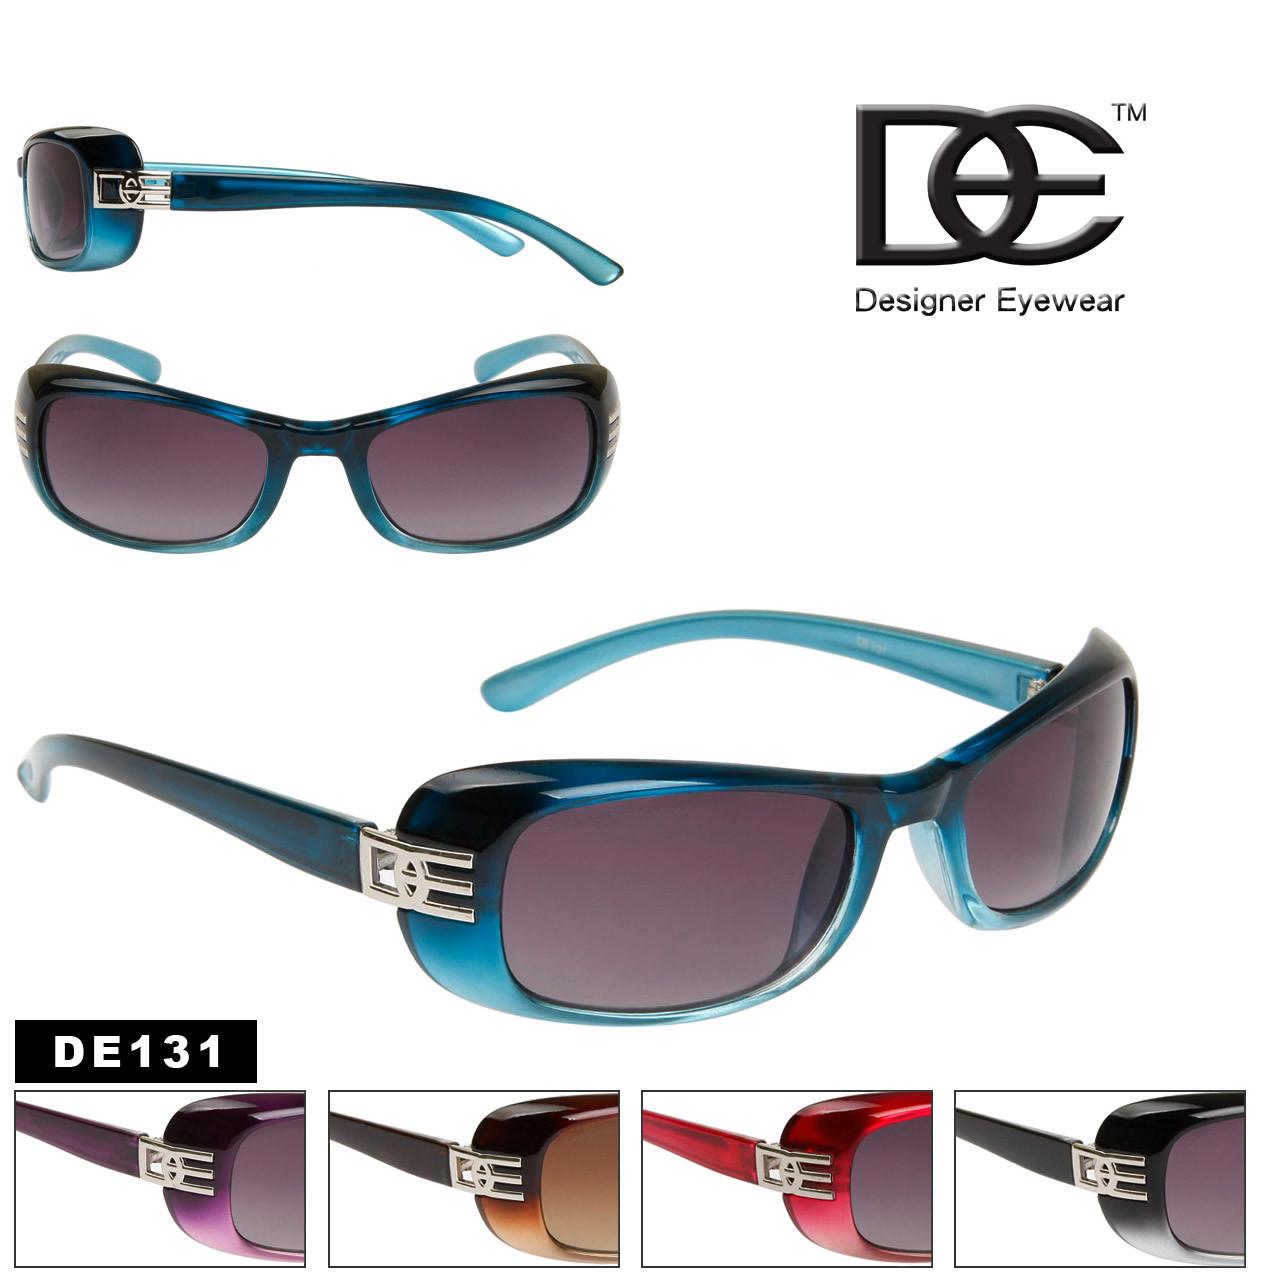 DE™ Designer Eyewear DE131 Women's Fashion Sunglasses (Assorted Colors) (12 pcs.)